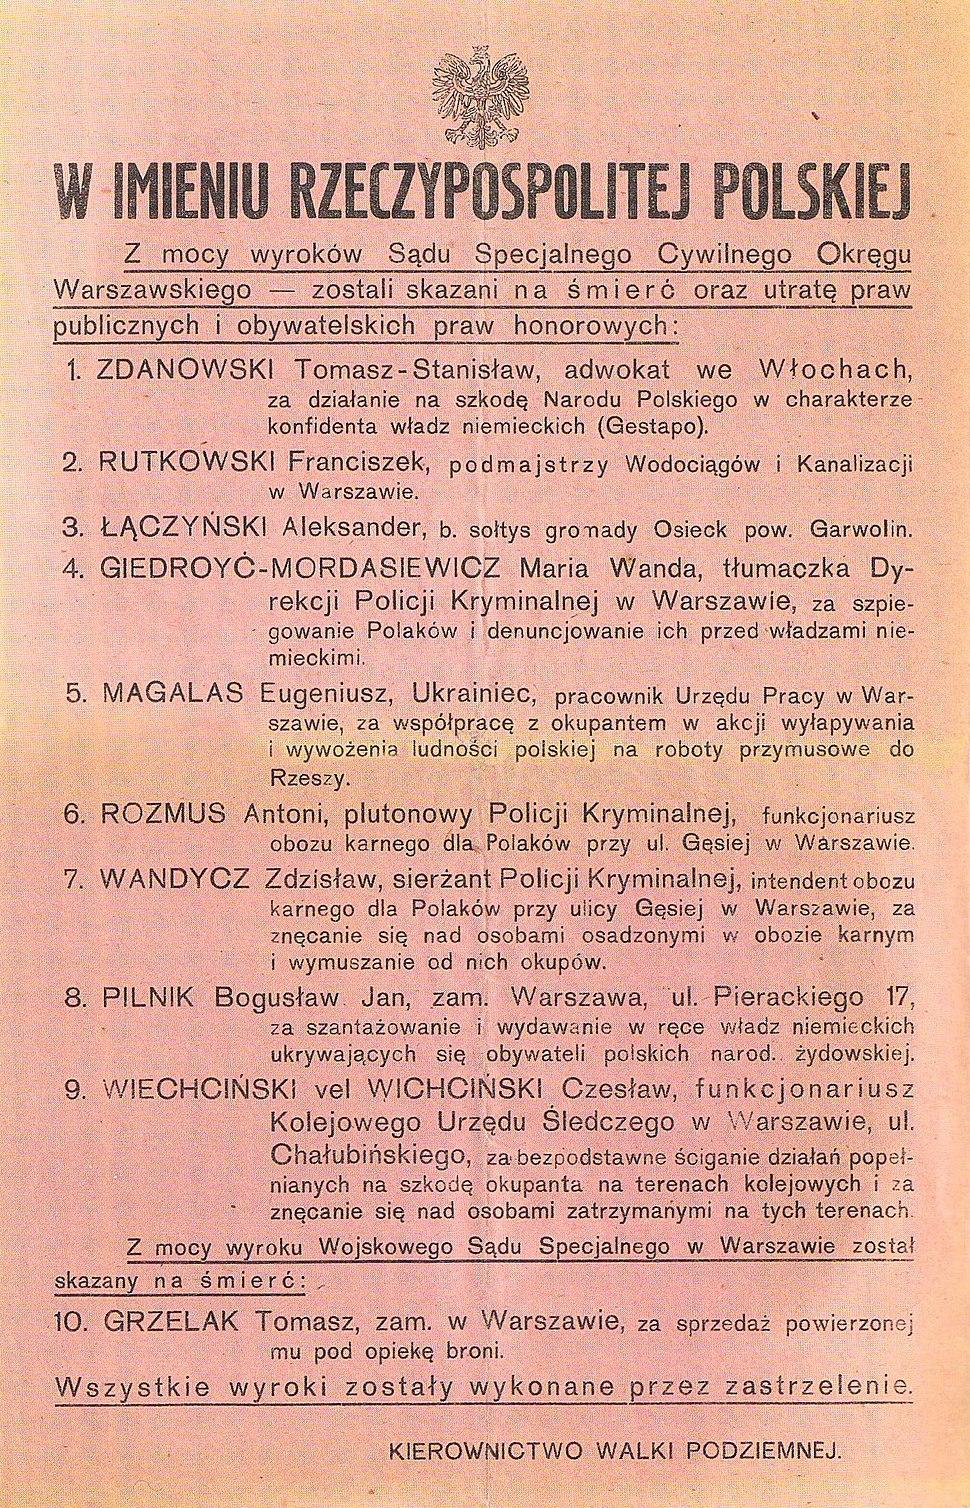 Plakat Kierownictwa Walki Podziemnej informujący o wykonanych wyrokach śmierci wrzesień 1943